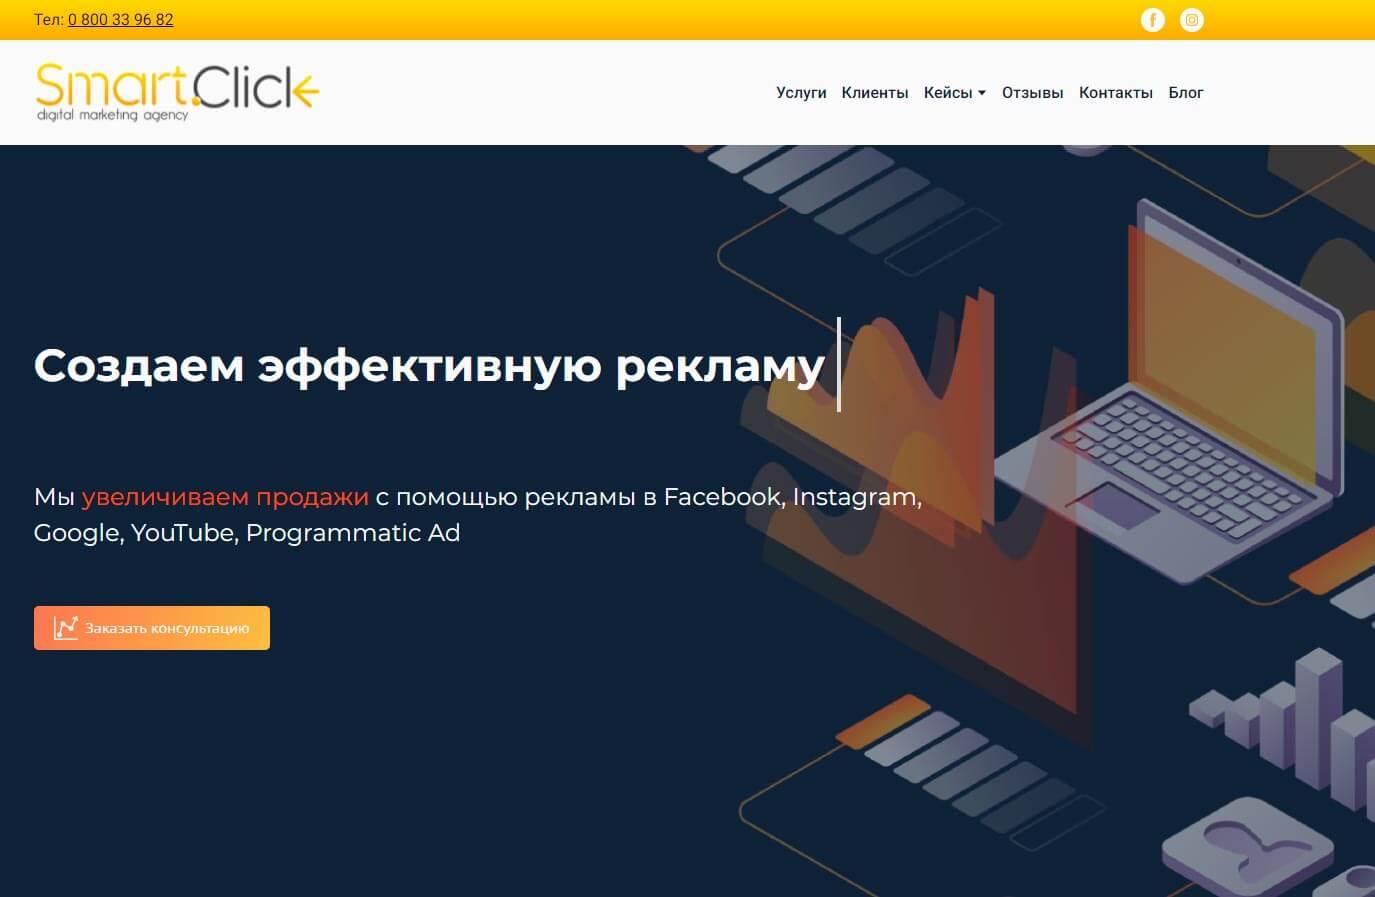 SmartClick - обзор компании, услуги, отзывы, клиенты, Фото № 1 - google-seo.pro